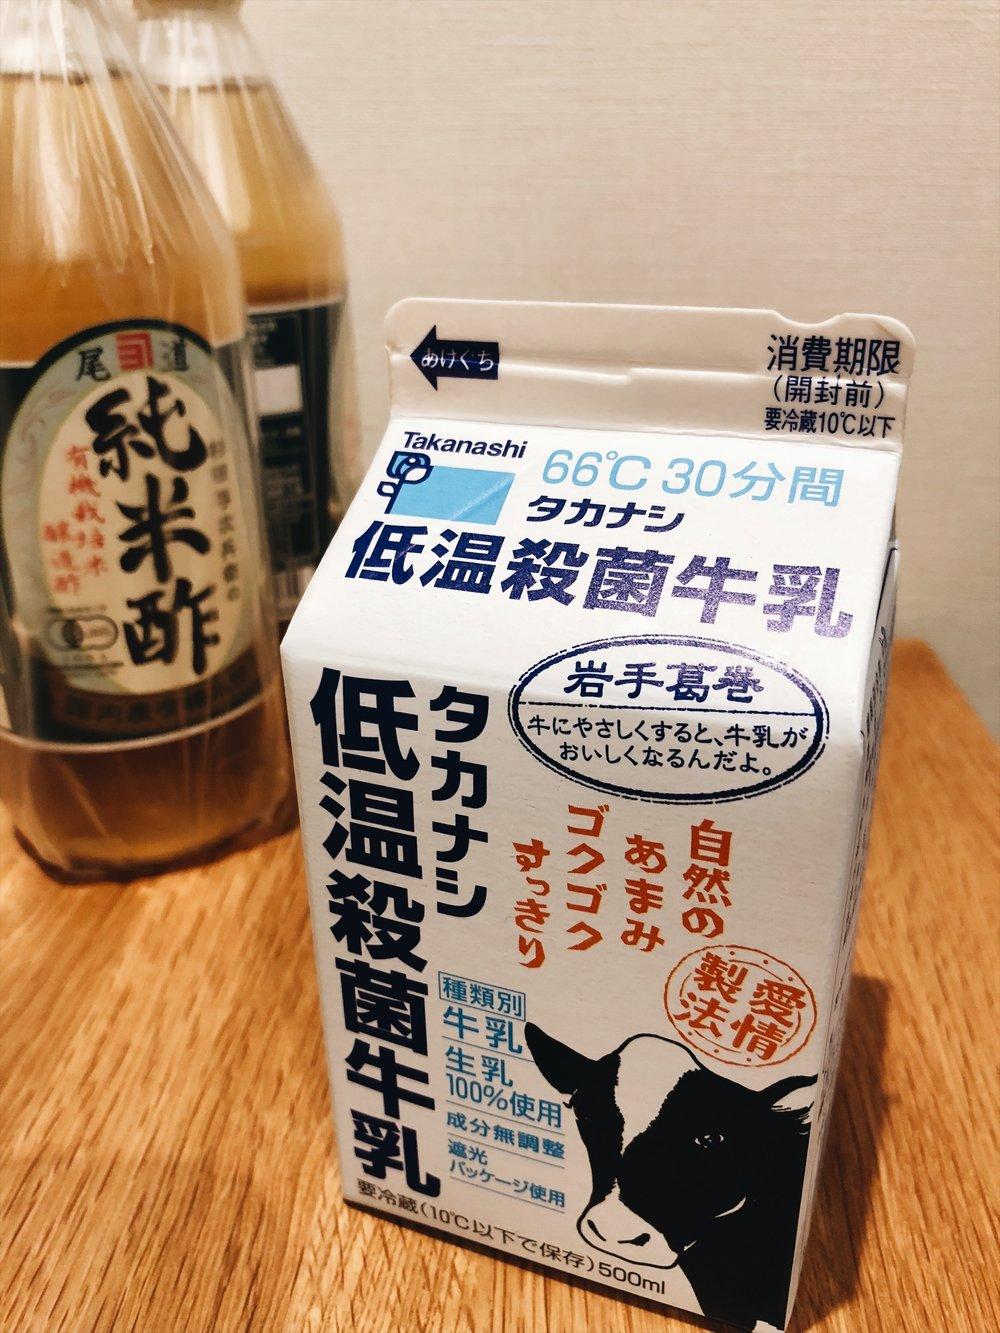 另外日本不同地區的超市都常有不同產地的牛奶可供選擇,像這瓶低溫殺菌味道清澈,十分不錯。比較也是種樂趣呢。